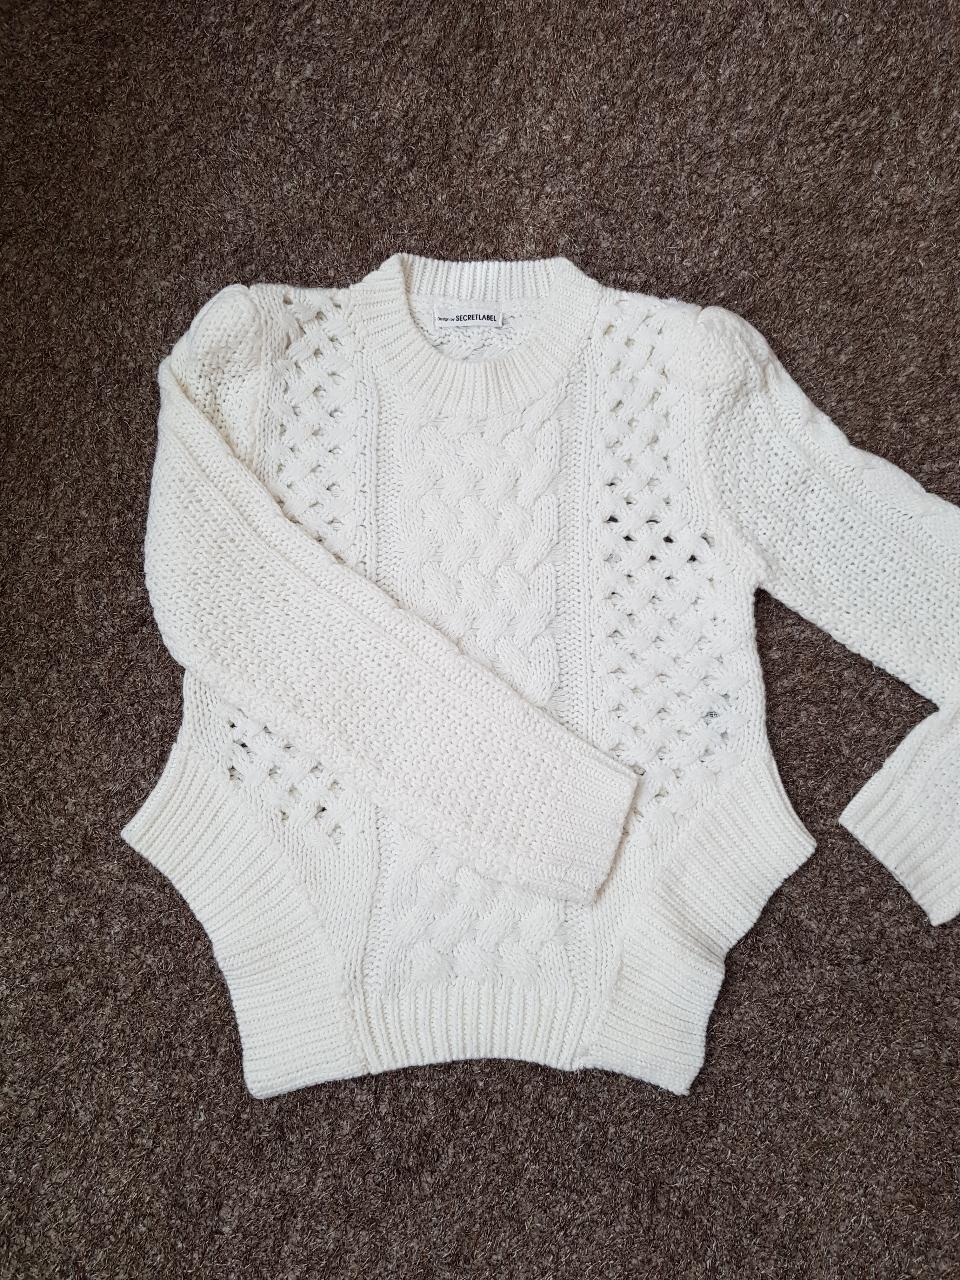 아크릴 포근 스웨터 s